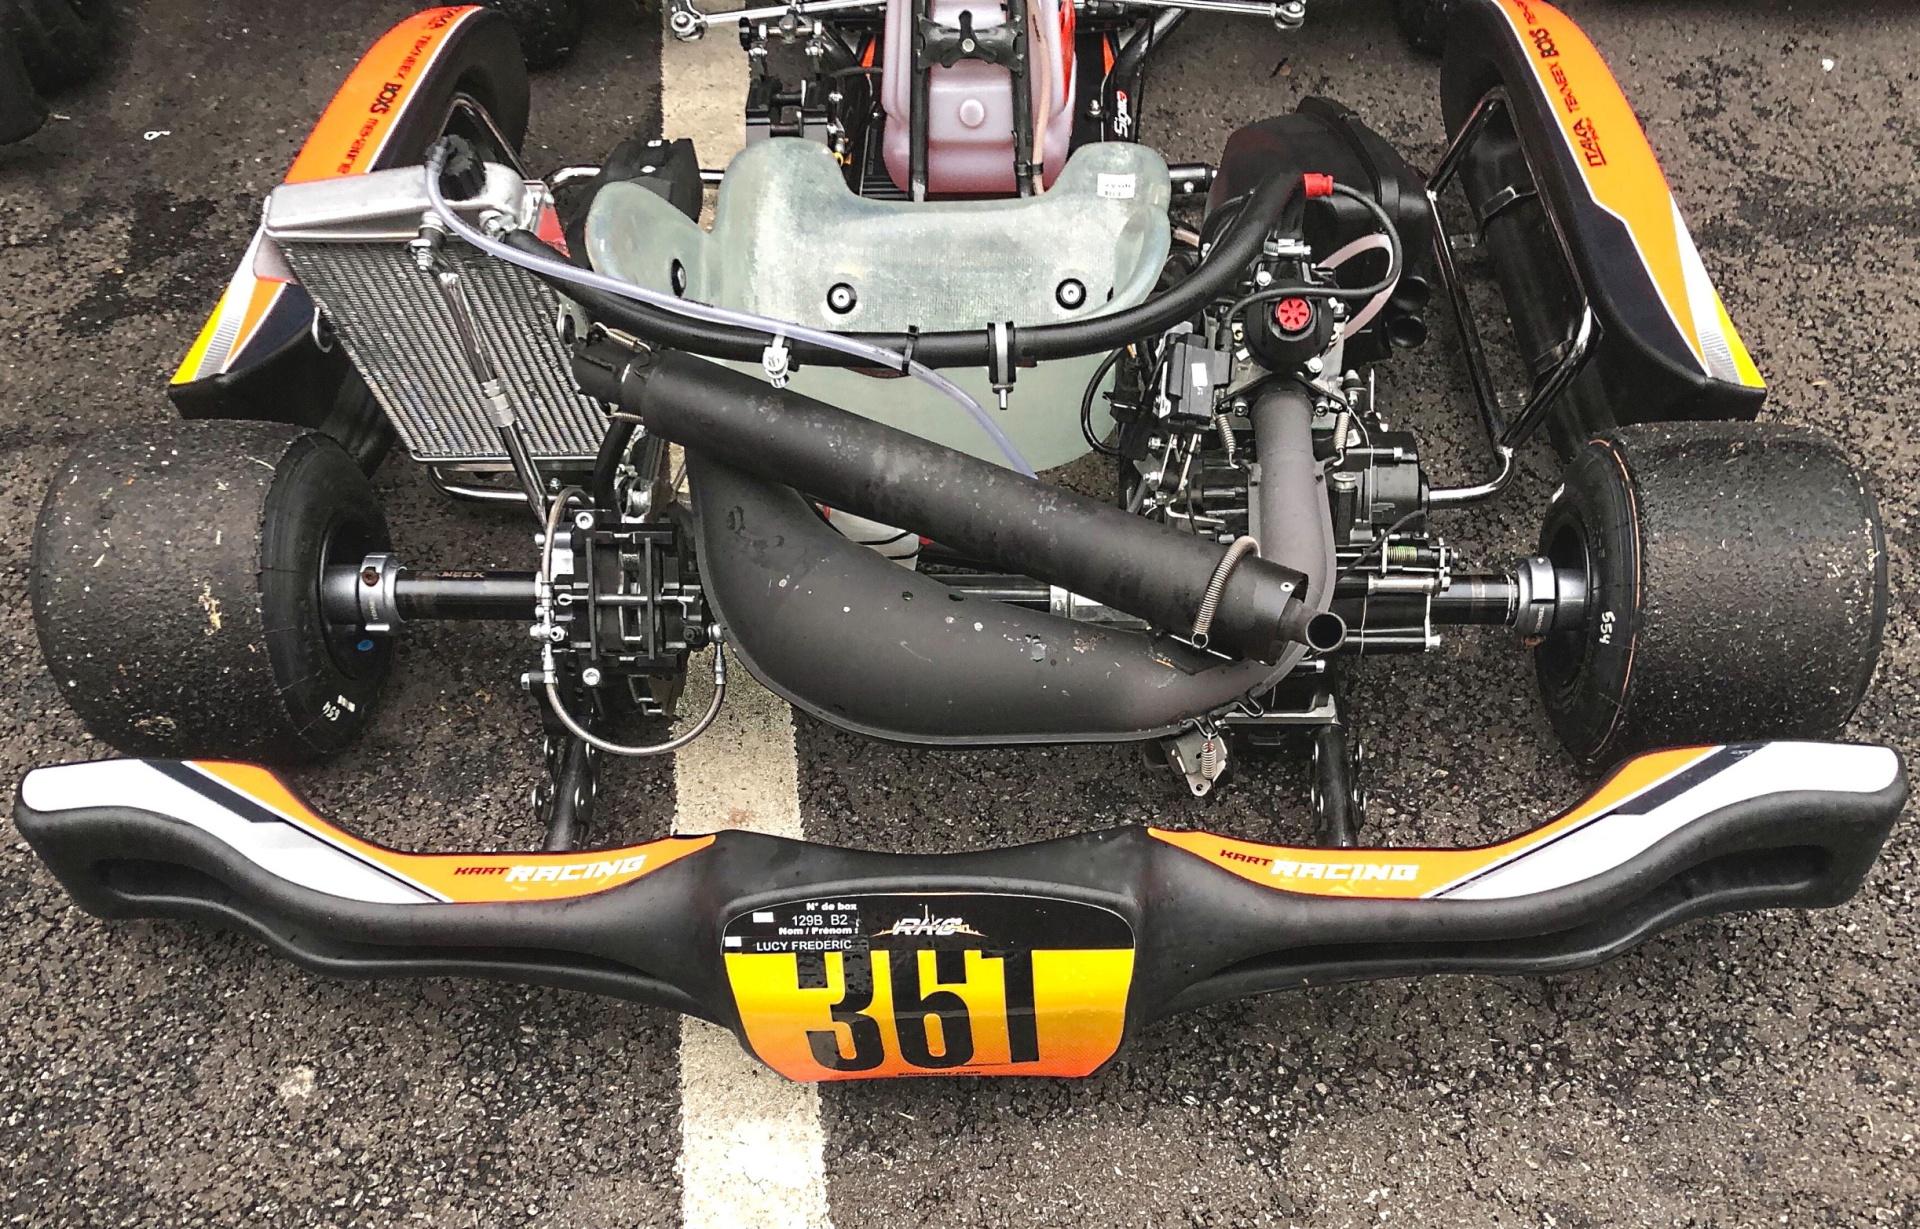 El chasis Rotax DD2, con parachoques trasero homologación CIK-FIA, en las pruebas del calendario de karting FIA 2020.